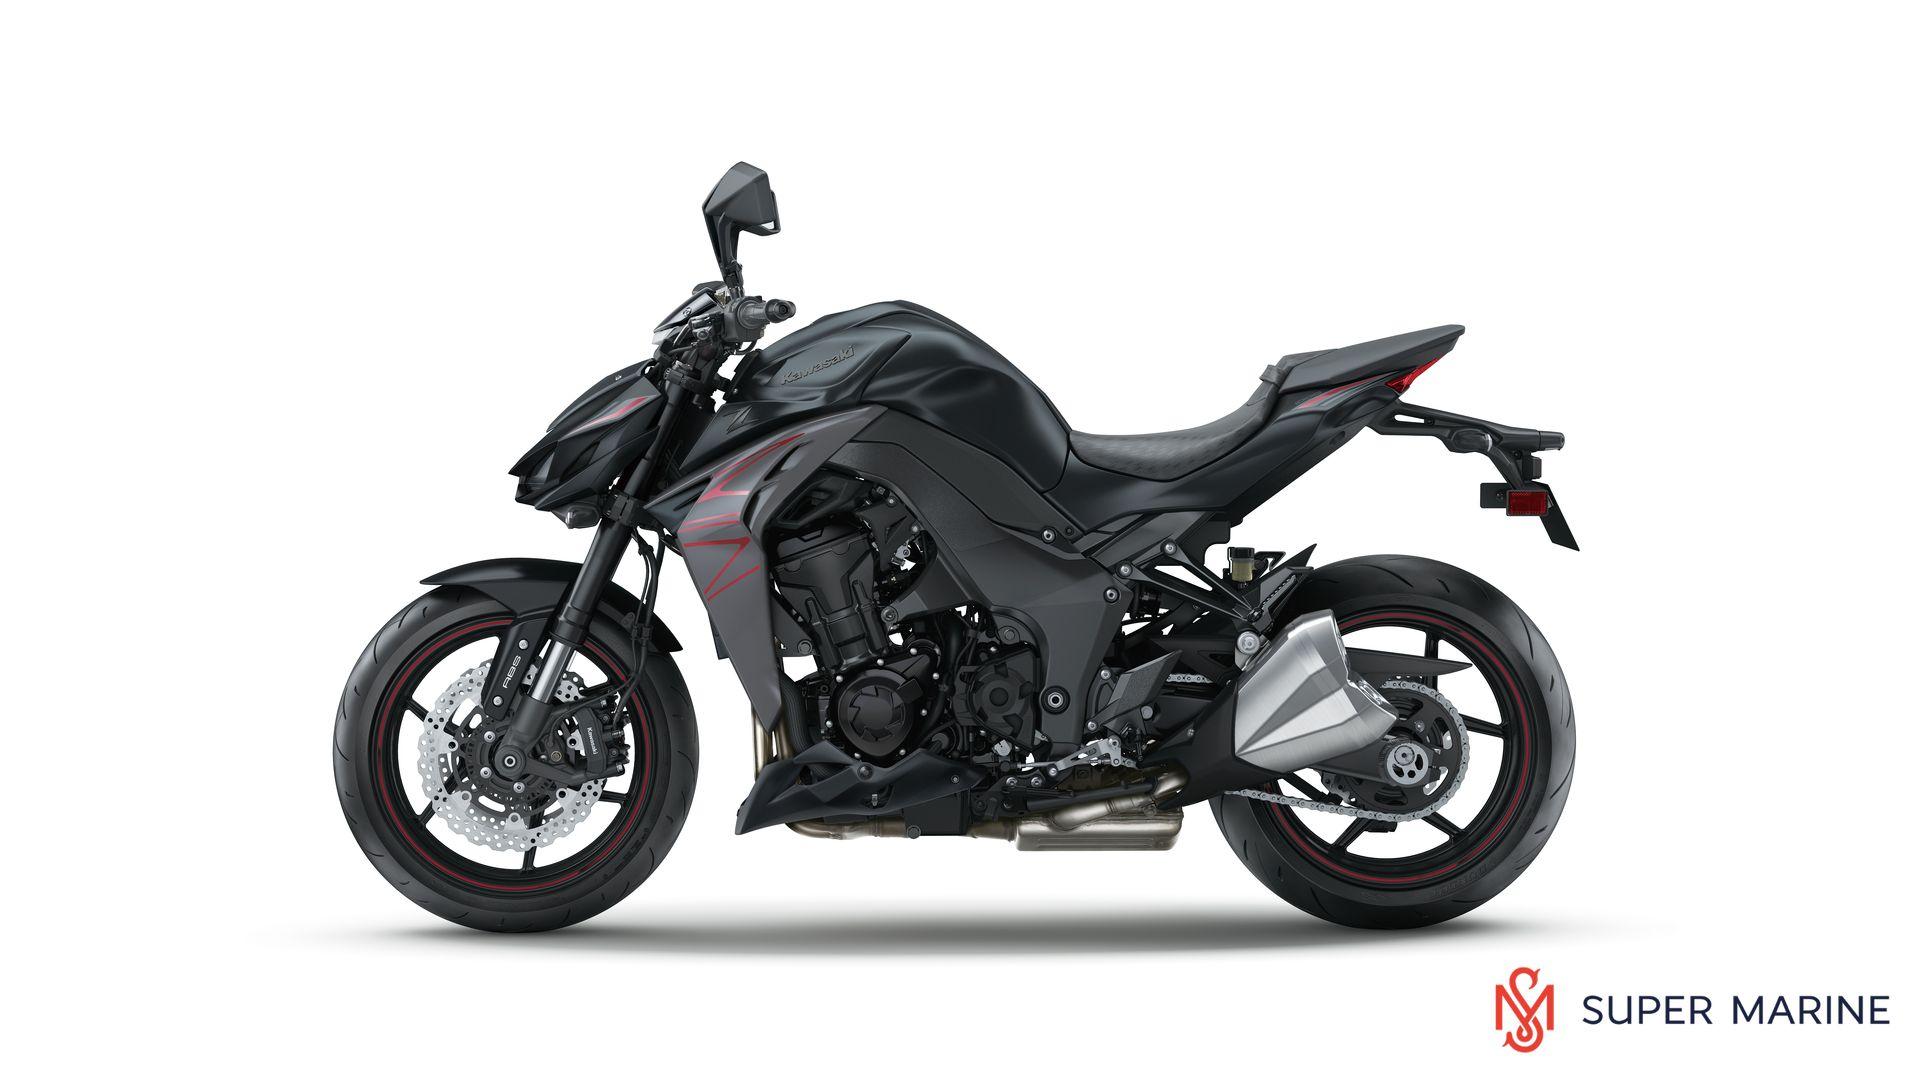 мотоцикл Kawasaki Z1000 Abs черный 2019 супер марин мотосалоны и